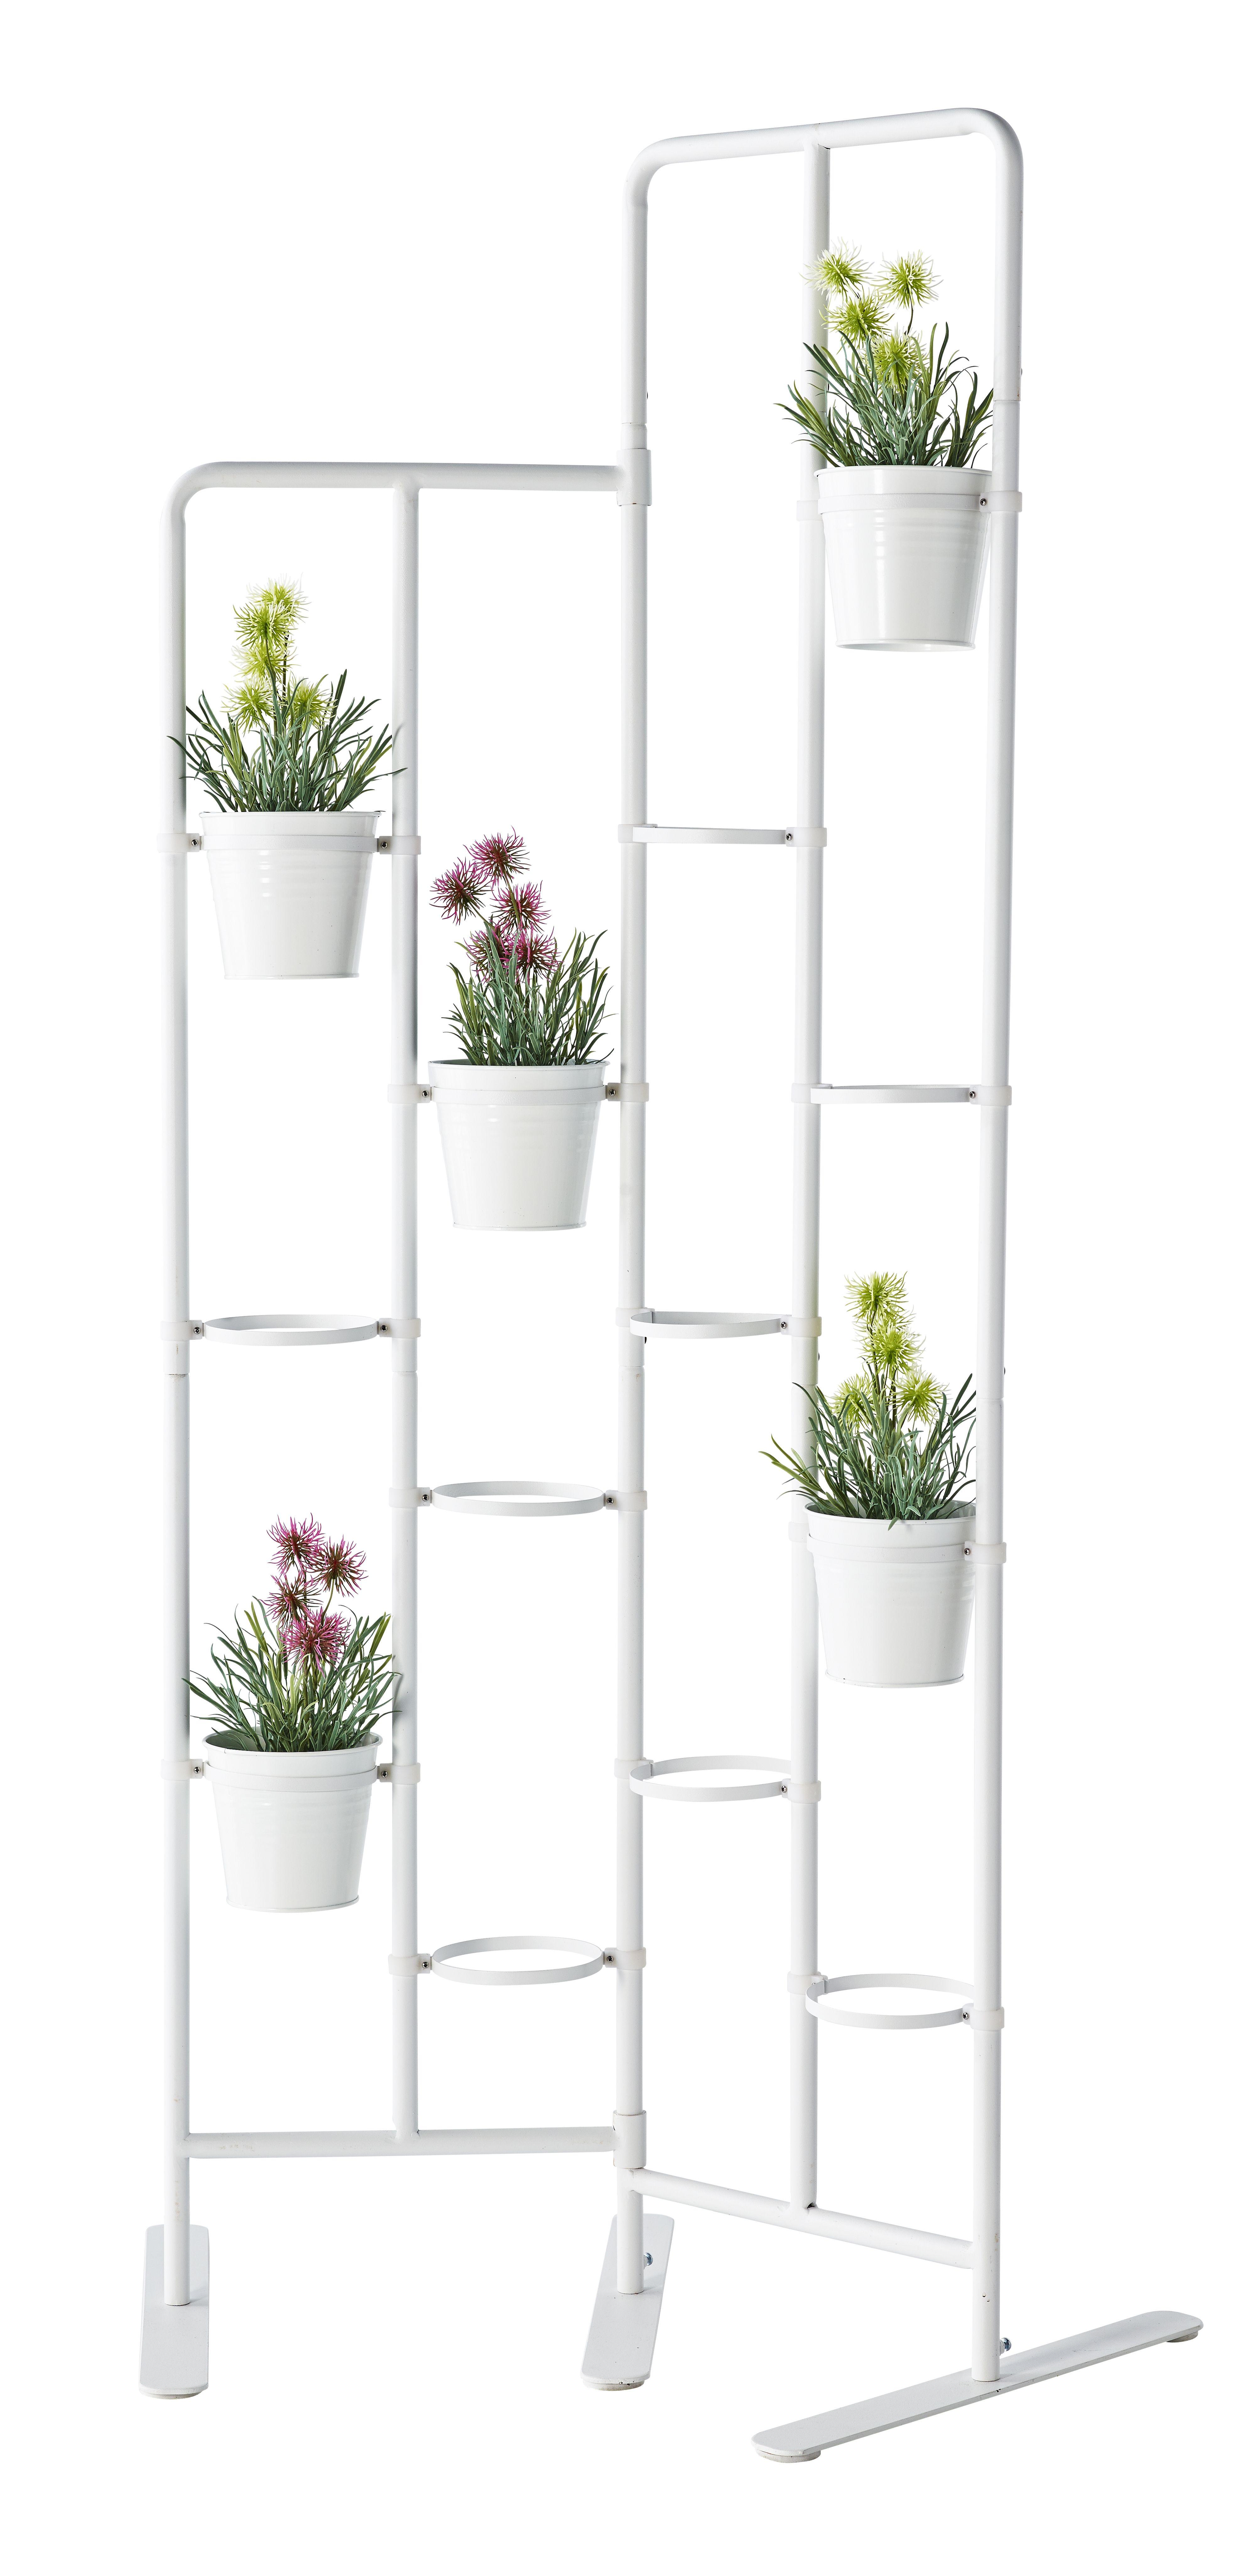 Mur floral - Ikea - 15.15€  Support pour plante, Piédestal, Ikea